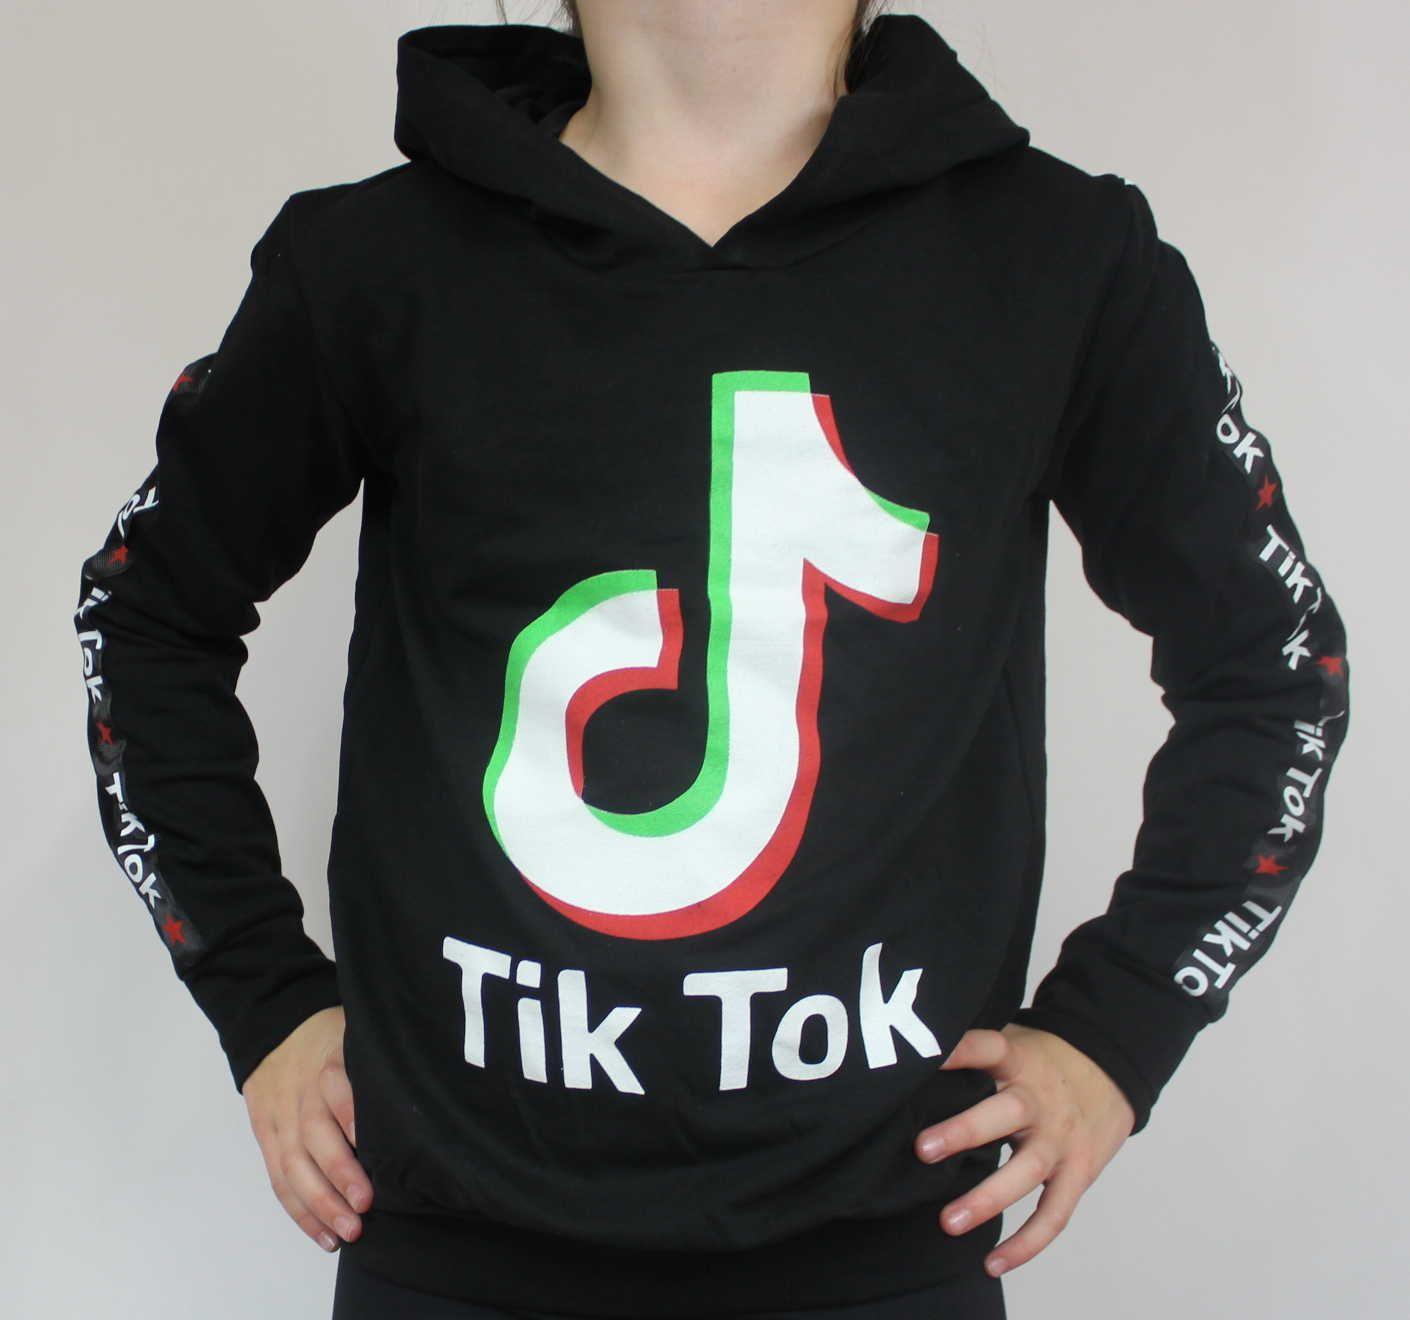 TIK TOK mikina, černá mikina TIK TOK, dětská mikina TIK TOK, dívčí TIK TOK mikina, bavlněná mikina TIK TOK, oblečení TIK TOK, dětské oblečení TIK TOK